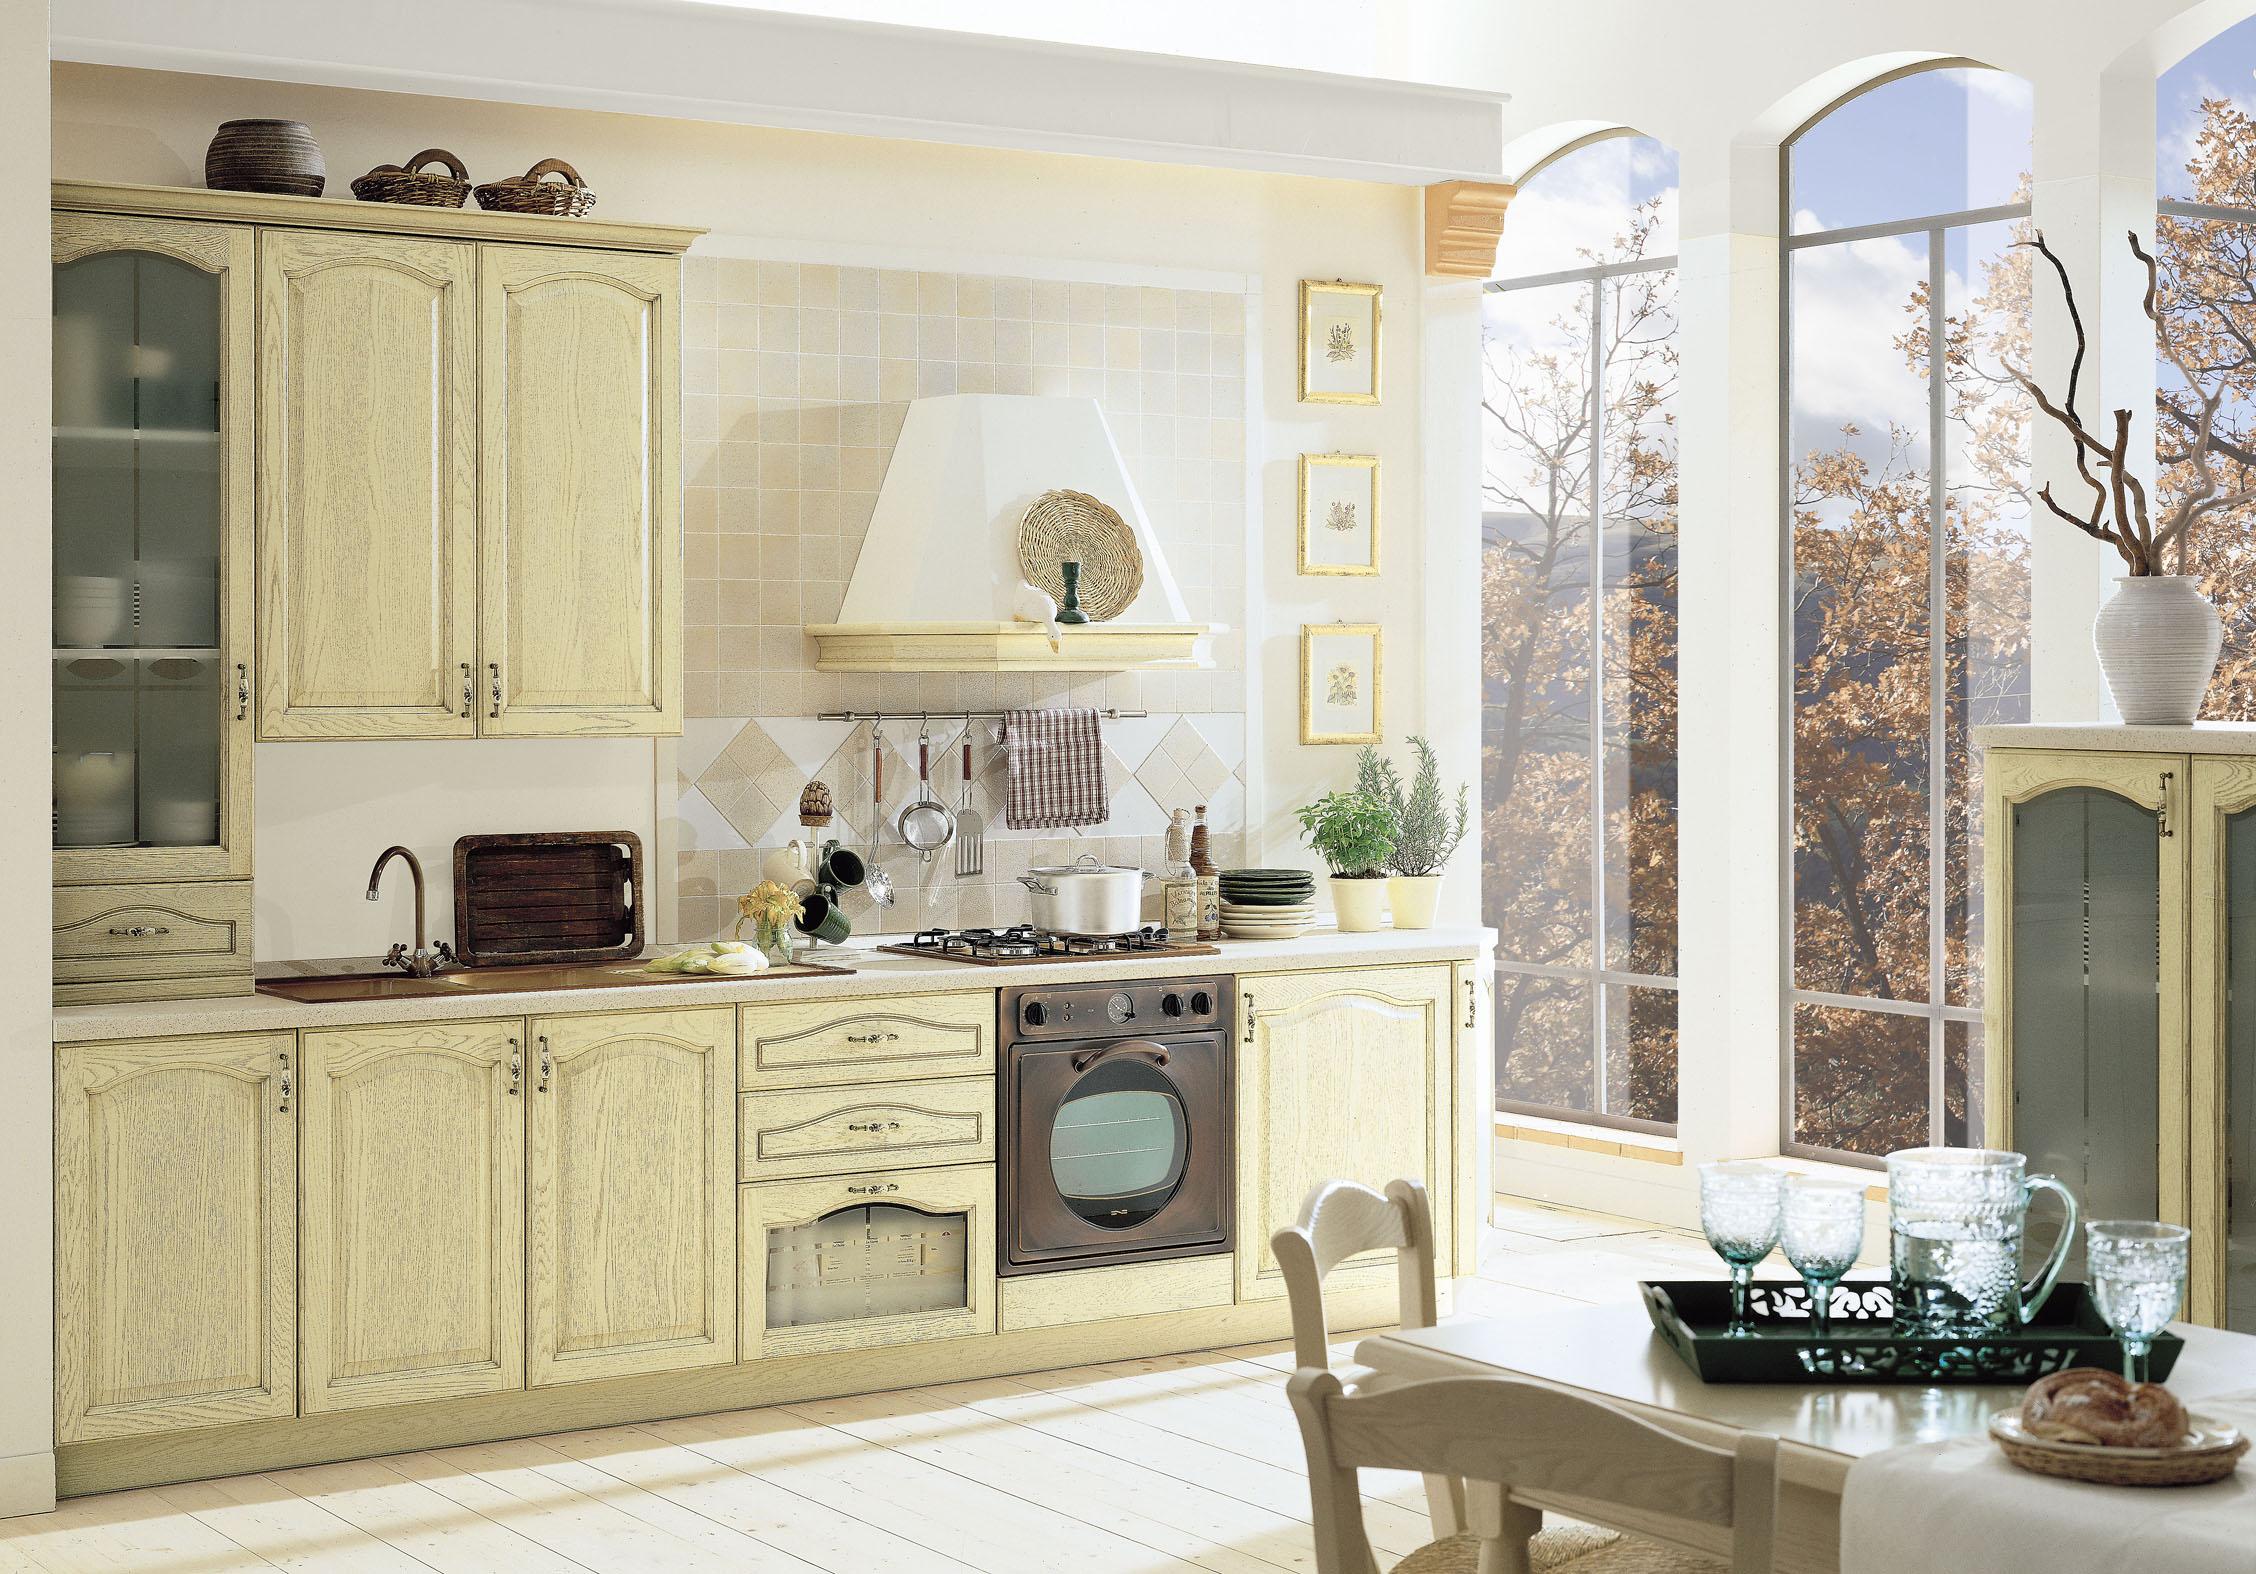 Cucine componibili arte povera arte povera per cucina e soggiorno m blog with cucine - Cucina arte povera usata ...